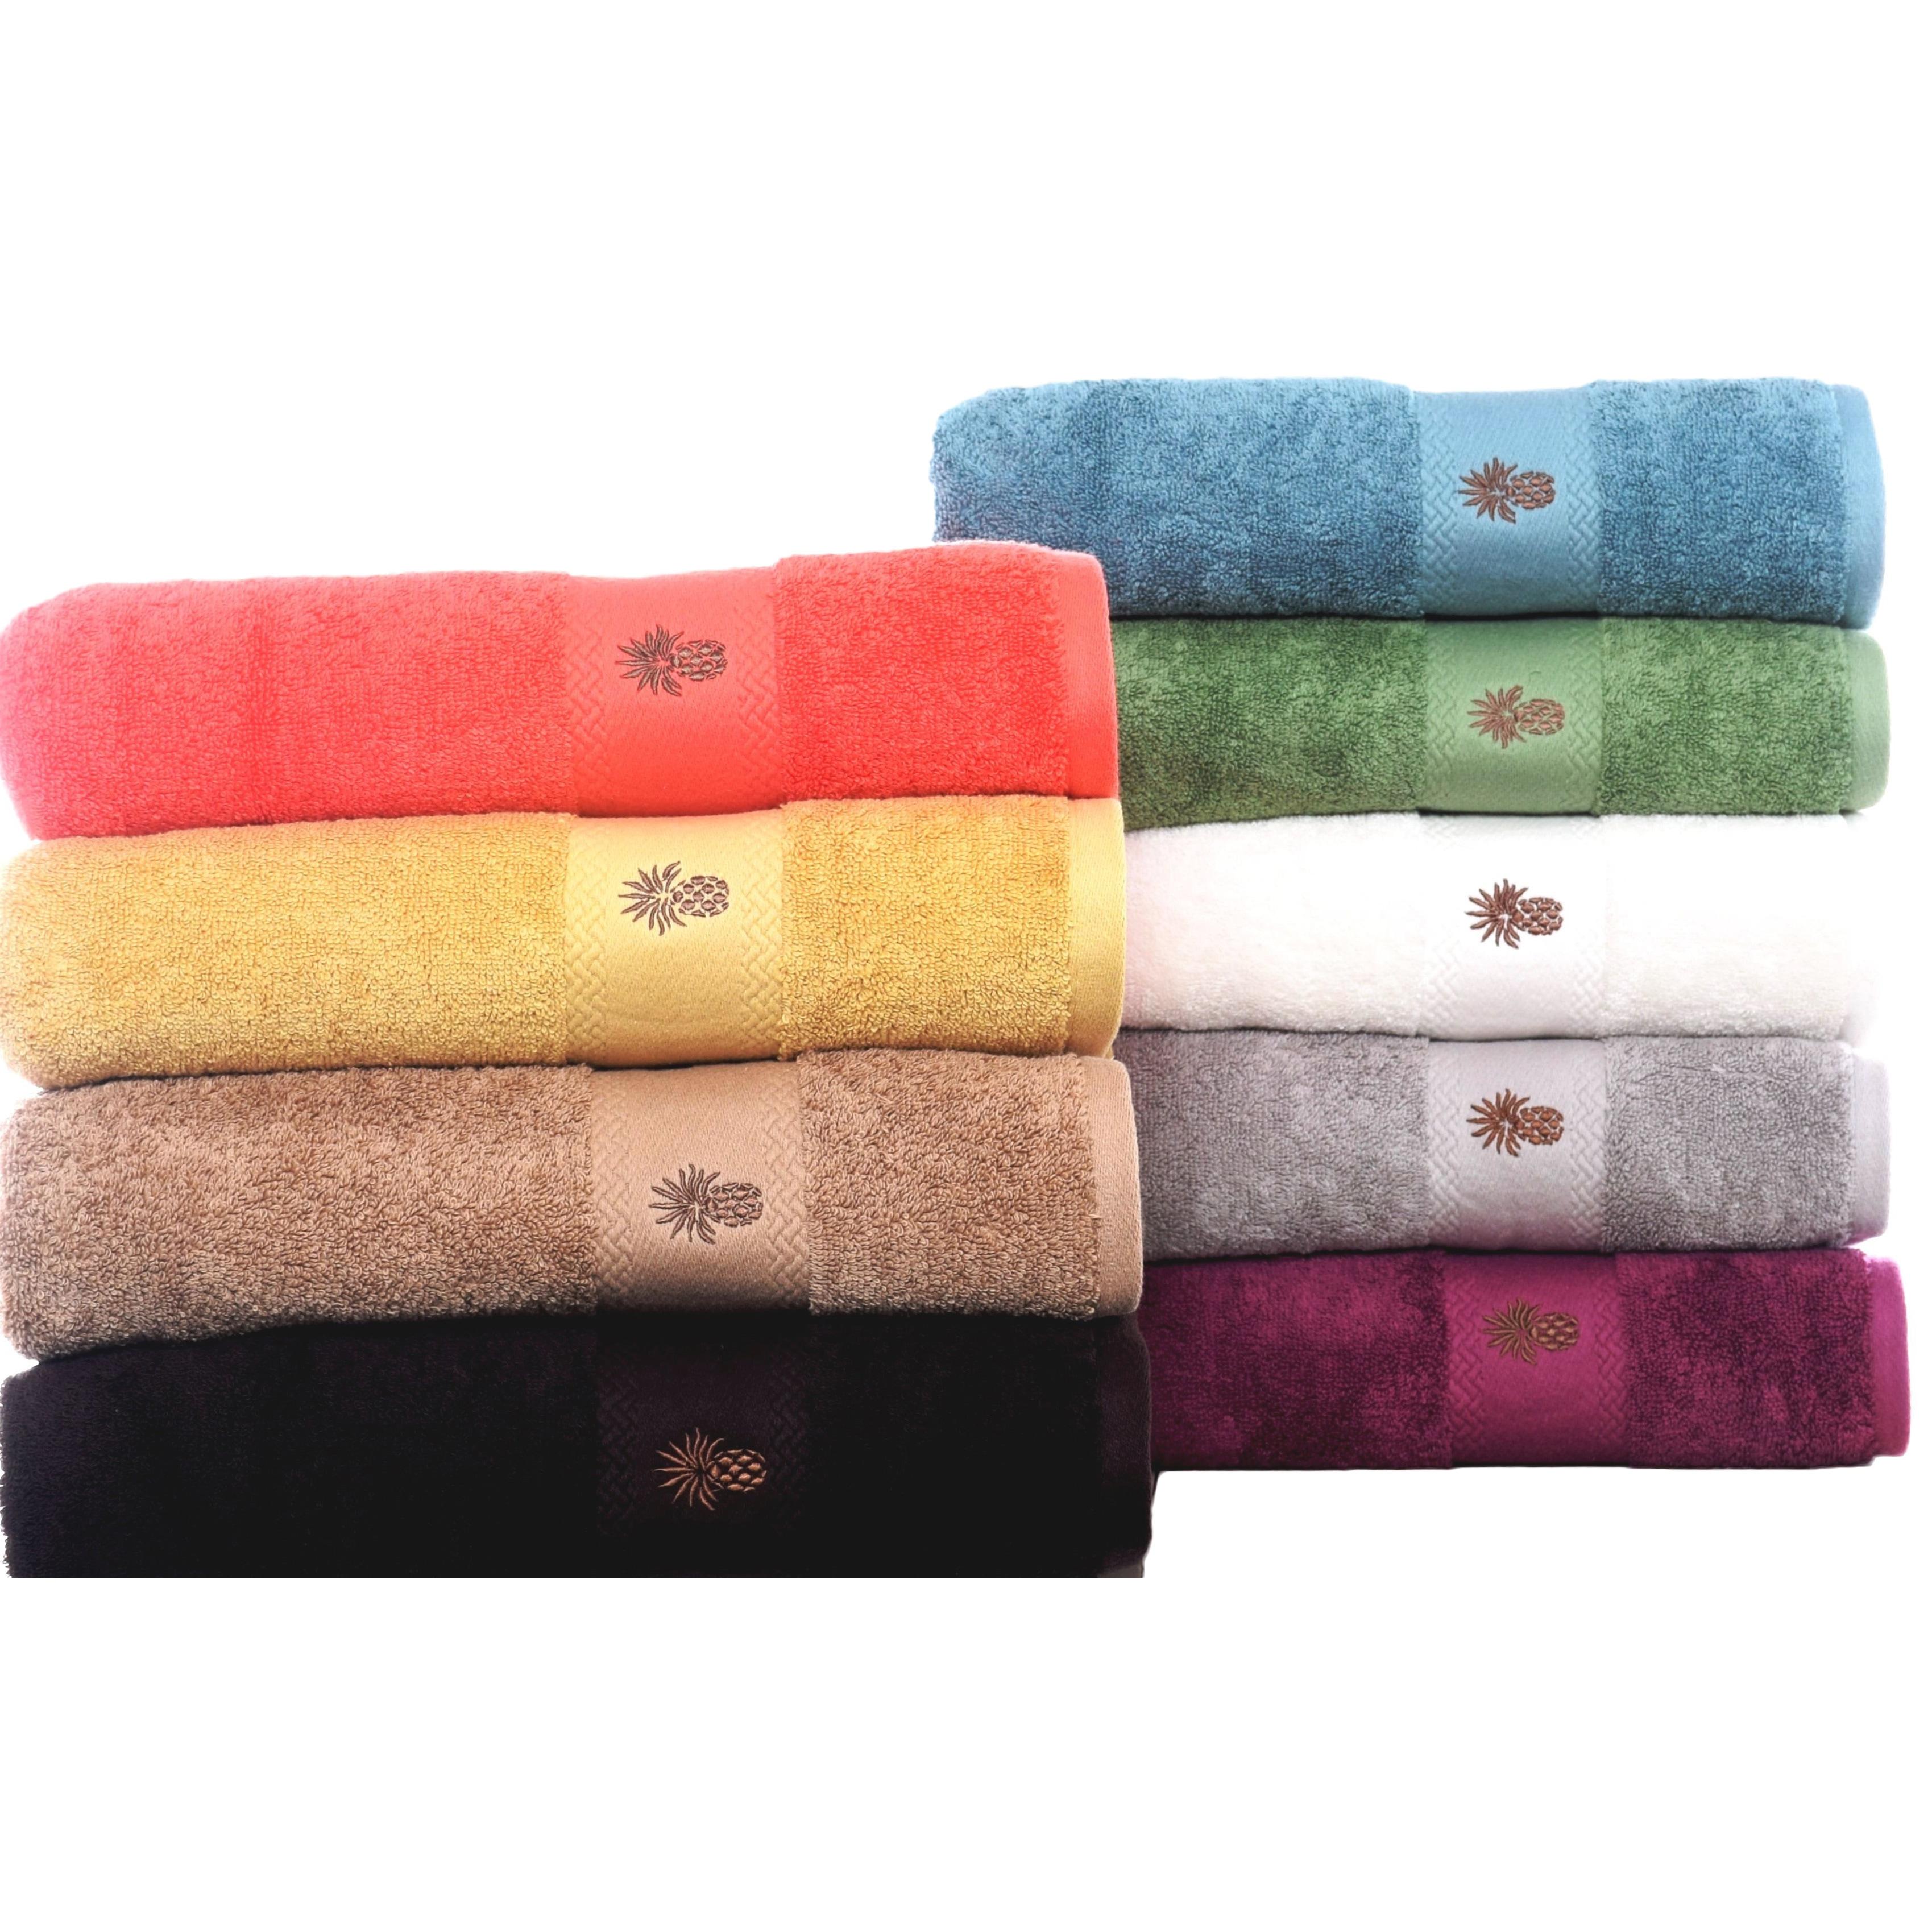 Tommy Bahama Bathroom Towels